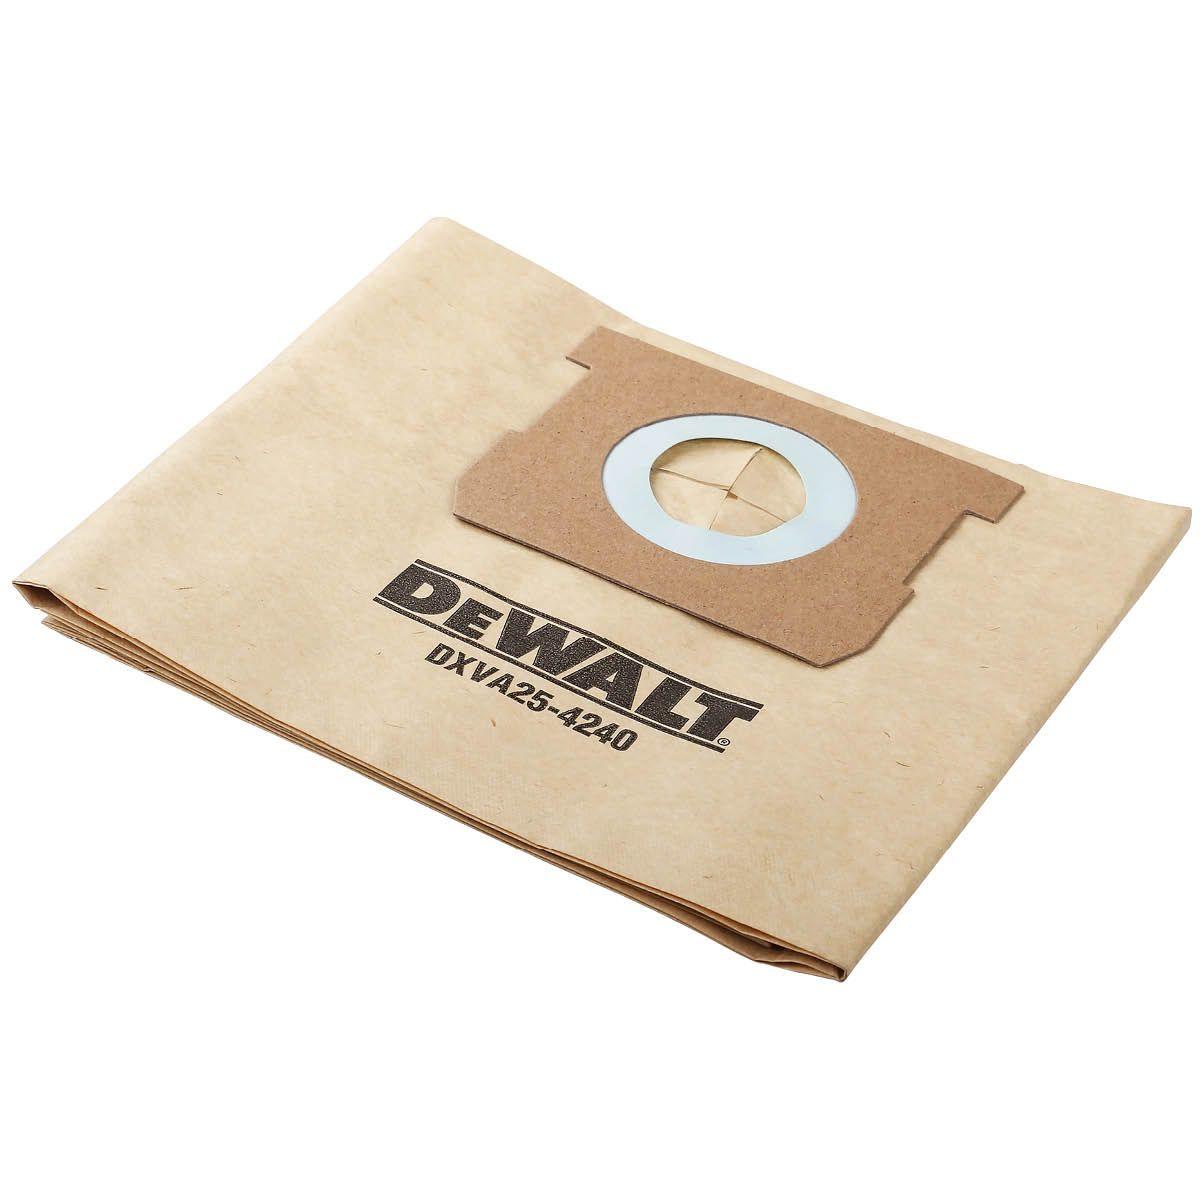 Dewalt Vacuum Dust Bags